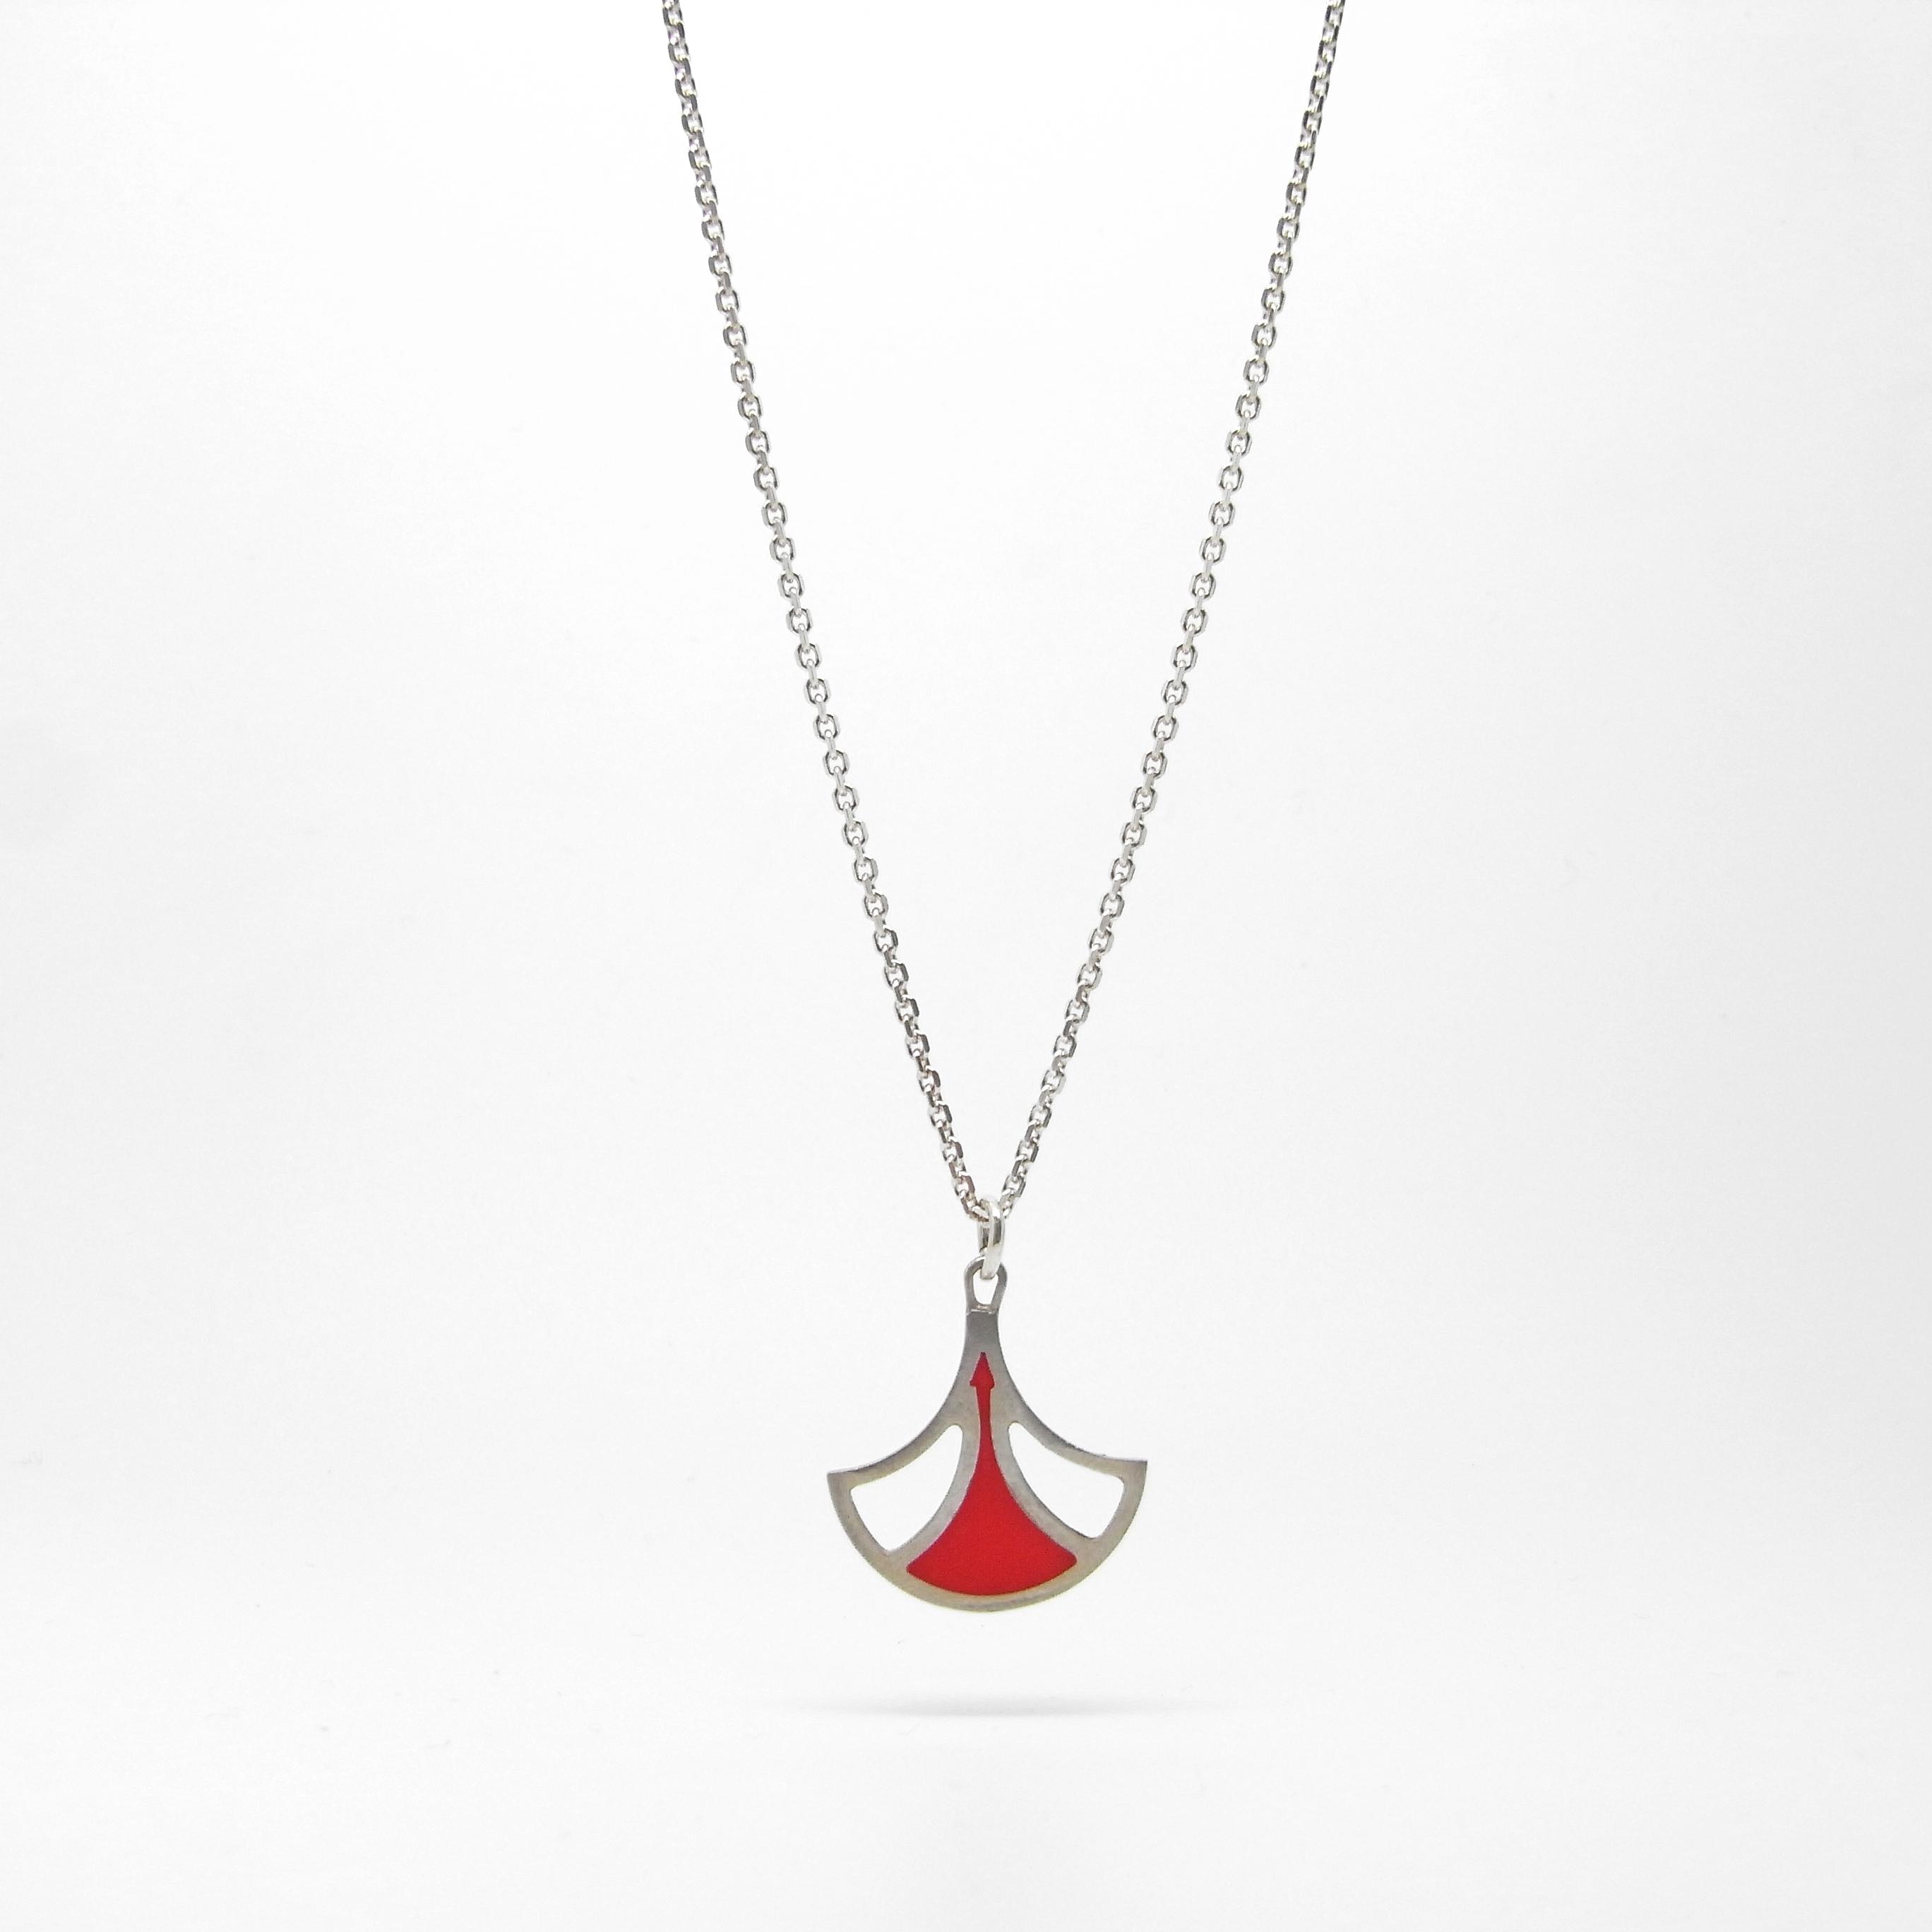 SALE - Red Fan Necklace